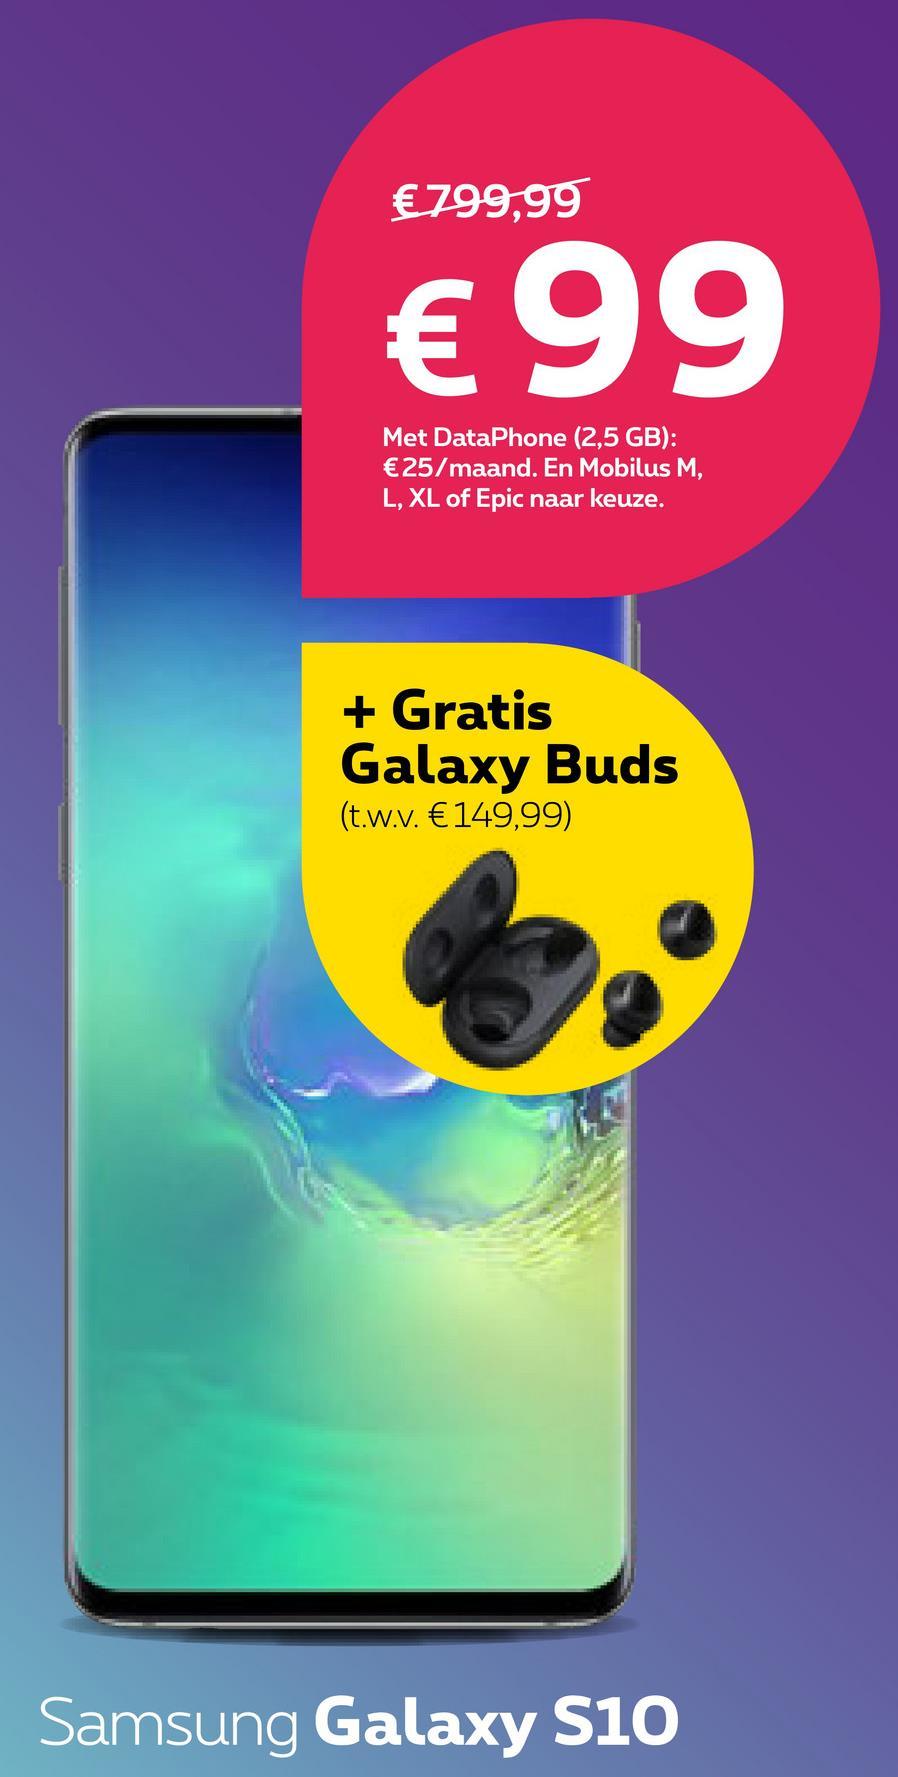 €799,99 € 99 Met DataPhone (2,5 GB): €25/maand. En Mobilus M, L, XL of Epic naar keuze. + Gratis Galaxy Buds (t.w.v. €149,99) Samsung Galaxy S10